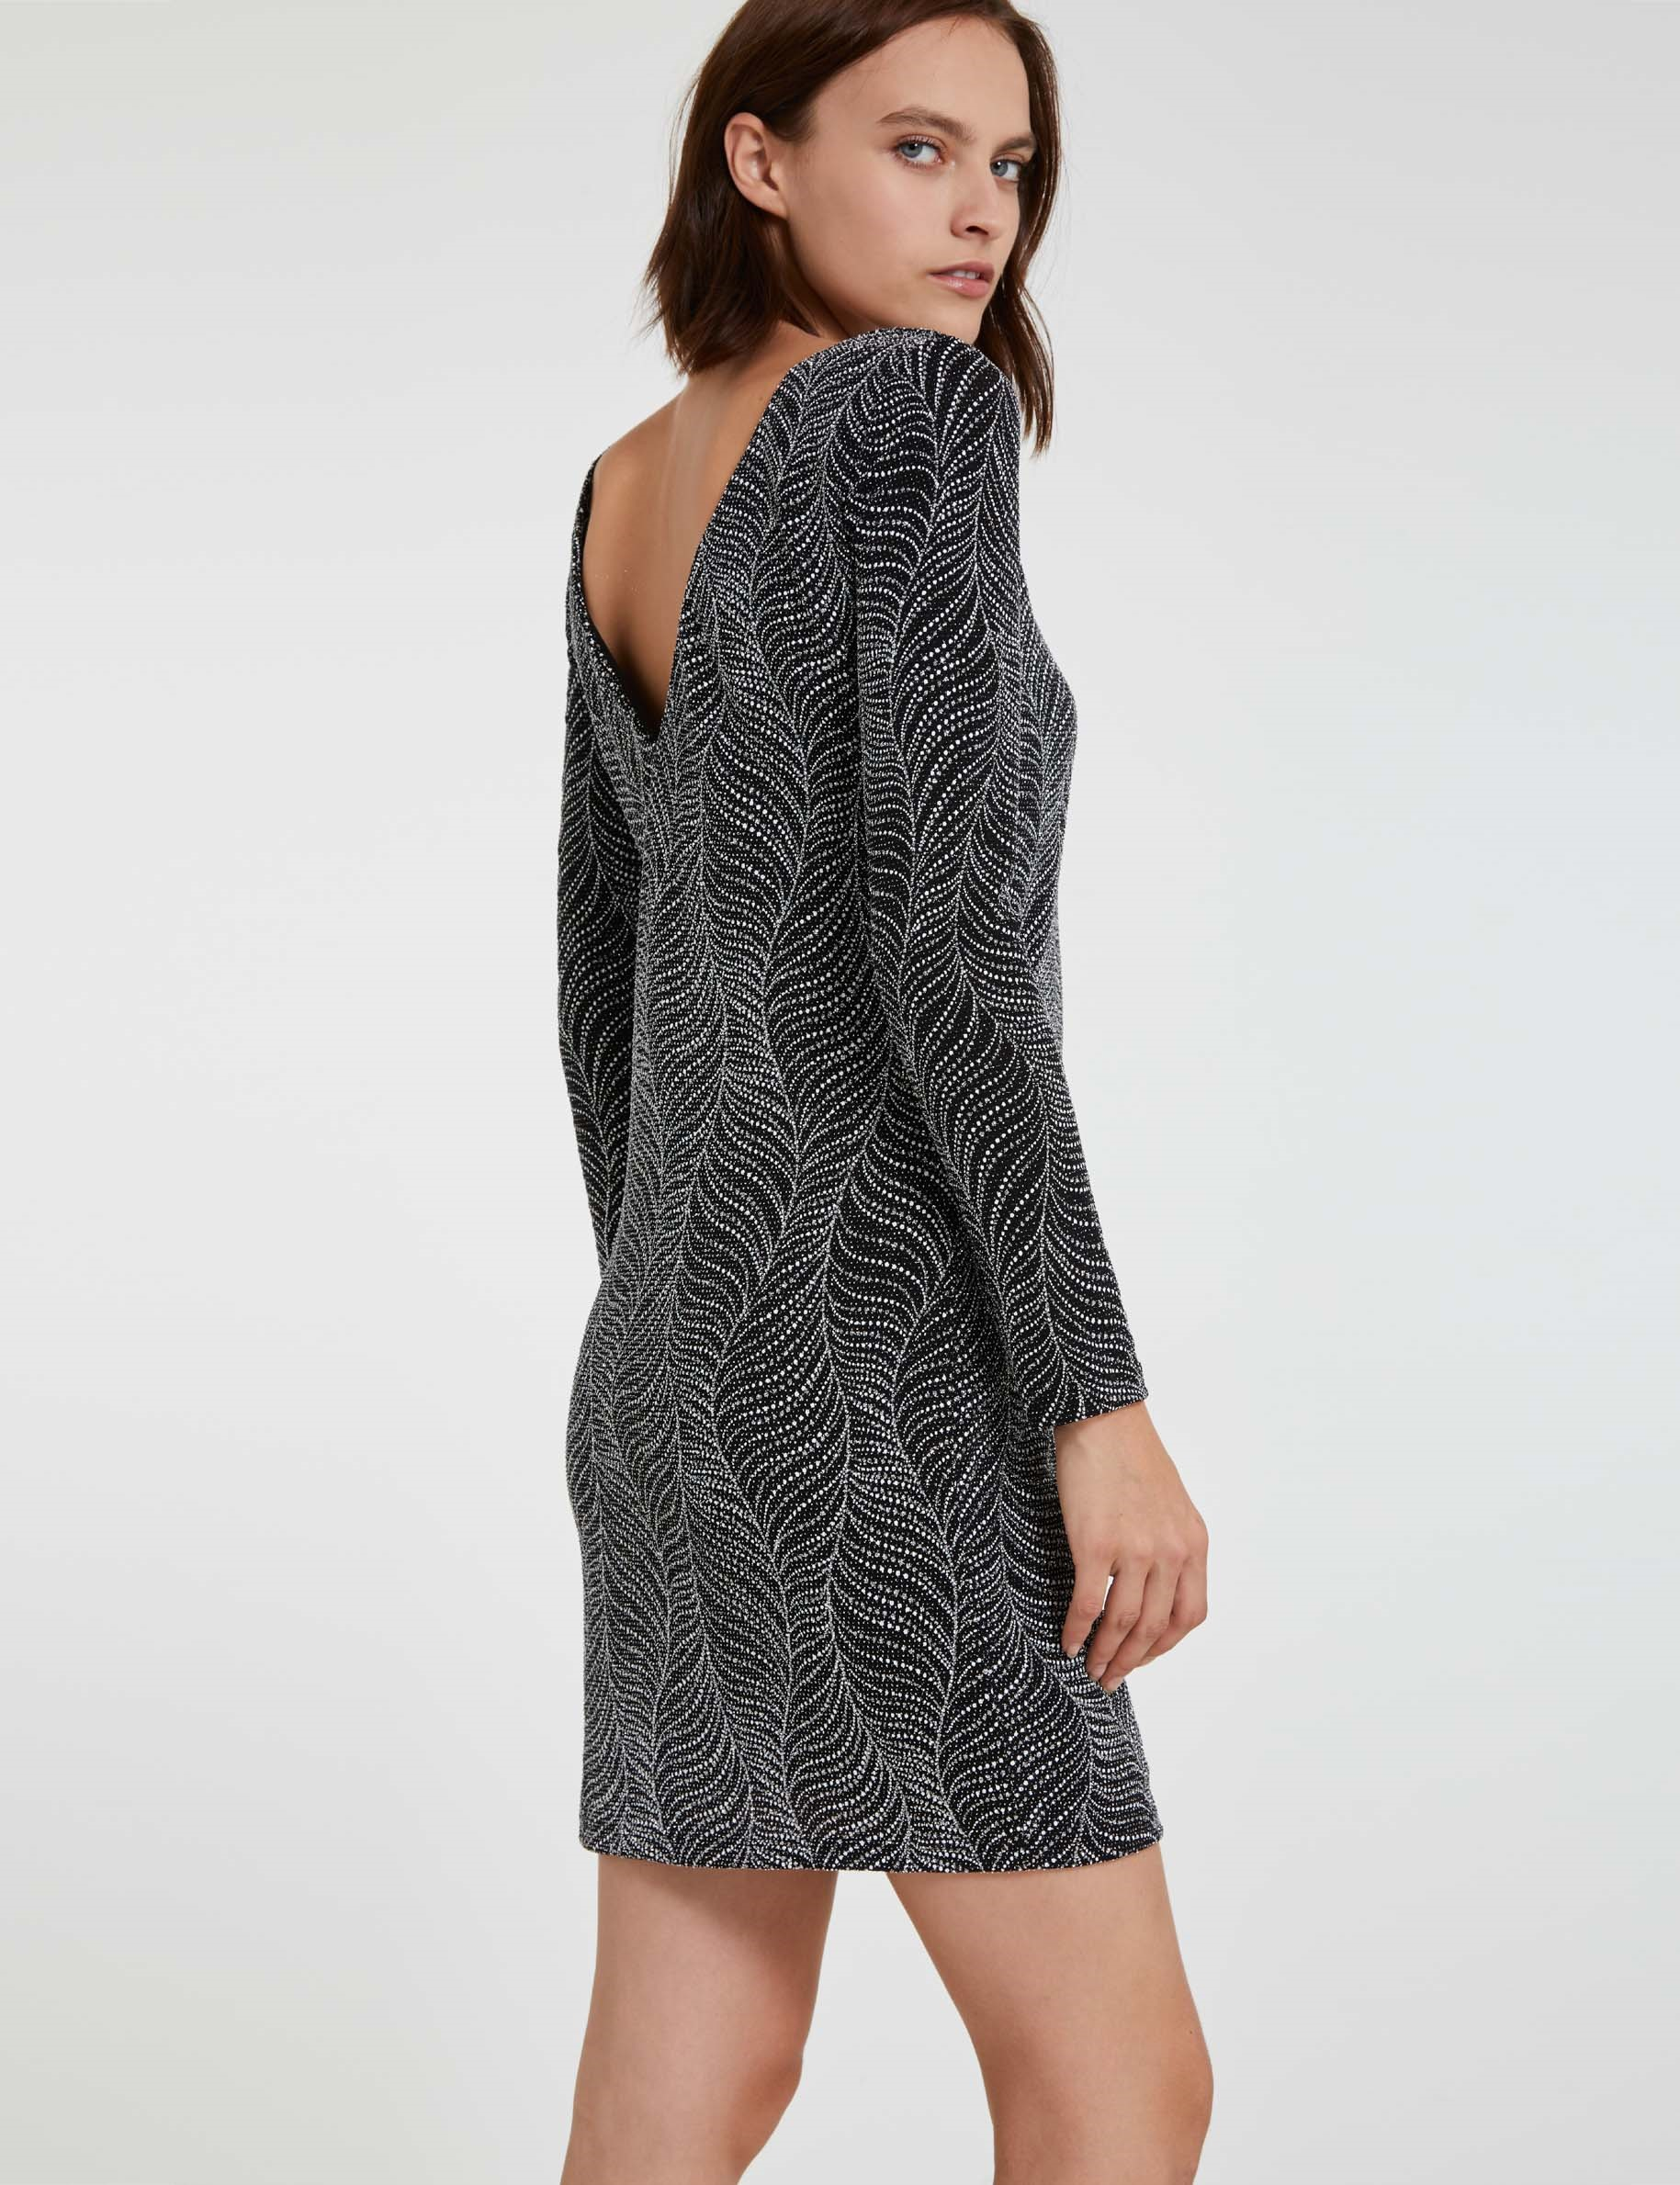 Платье для женщины 40 лет с узором